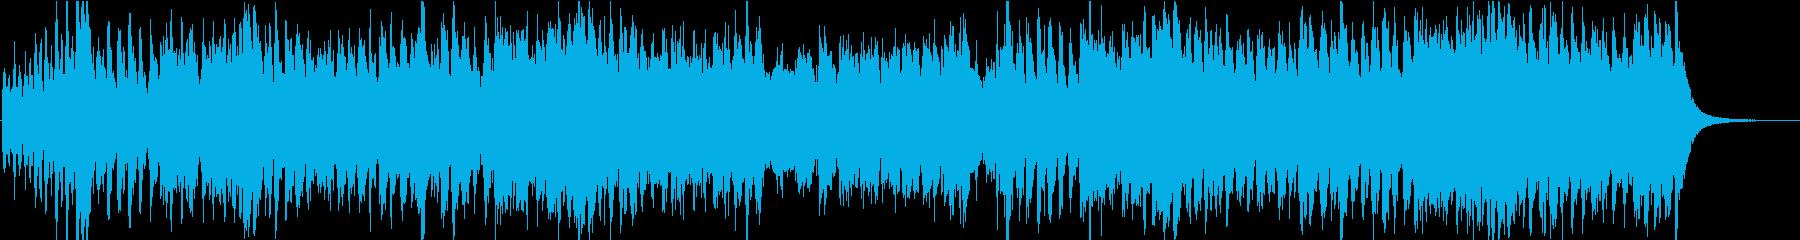 羽ばたくようなCM映像向けオーケストラの再生済みの波形